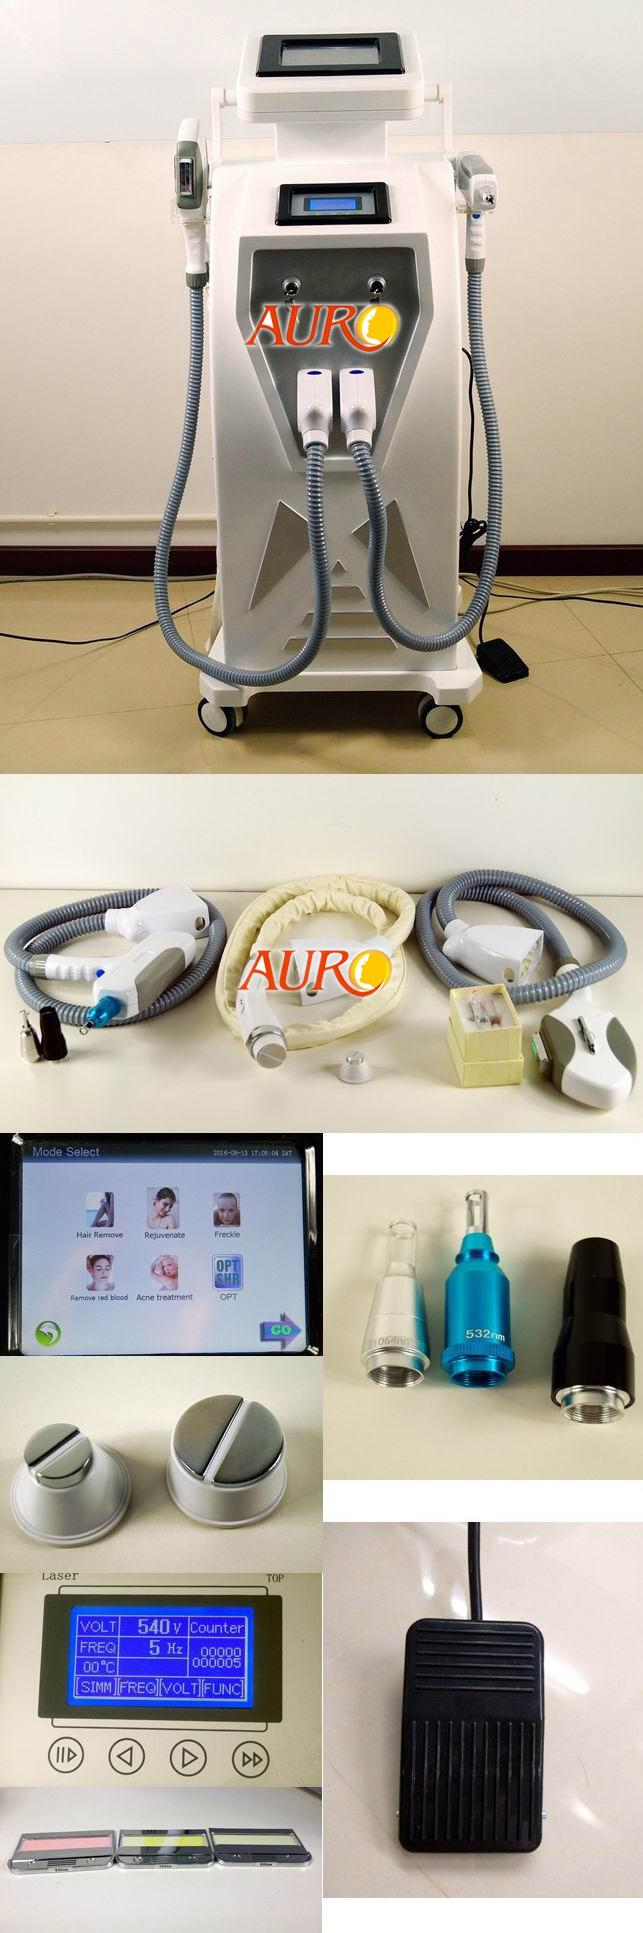 ND yag laser tattoo removal beauty machine